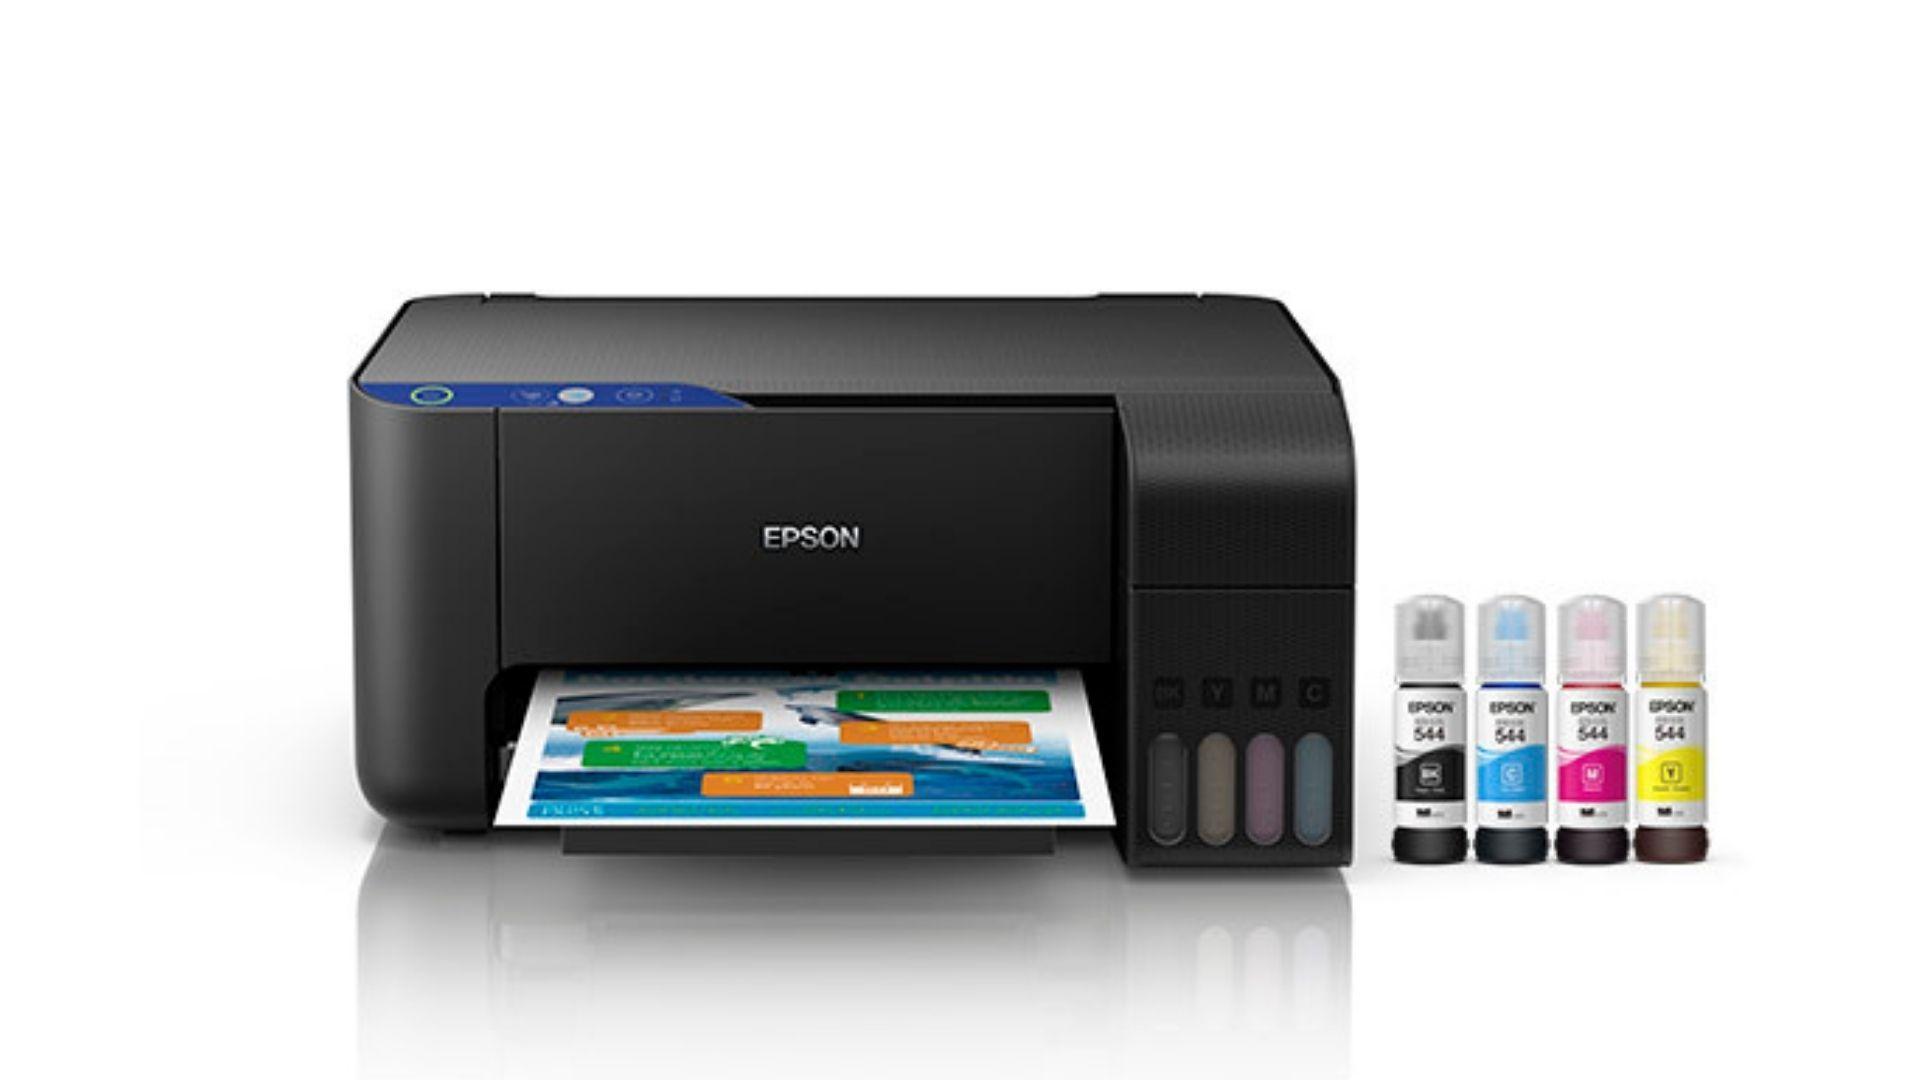 A impressora bulk ink Epson EcoTank L3110 tem design compacto, ideal para ter em casa (Divulgação/ Epson)